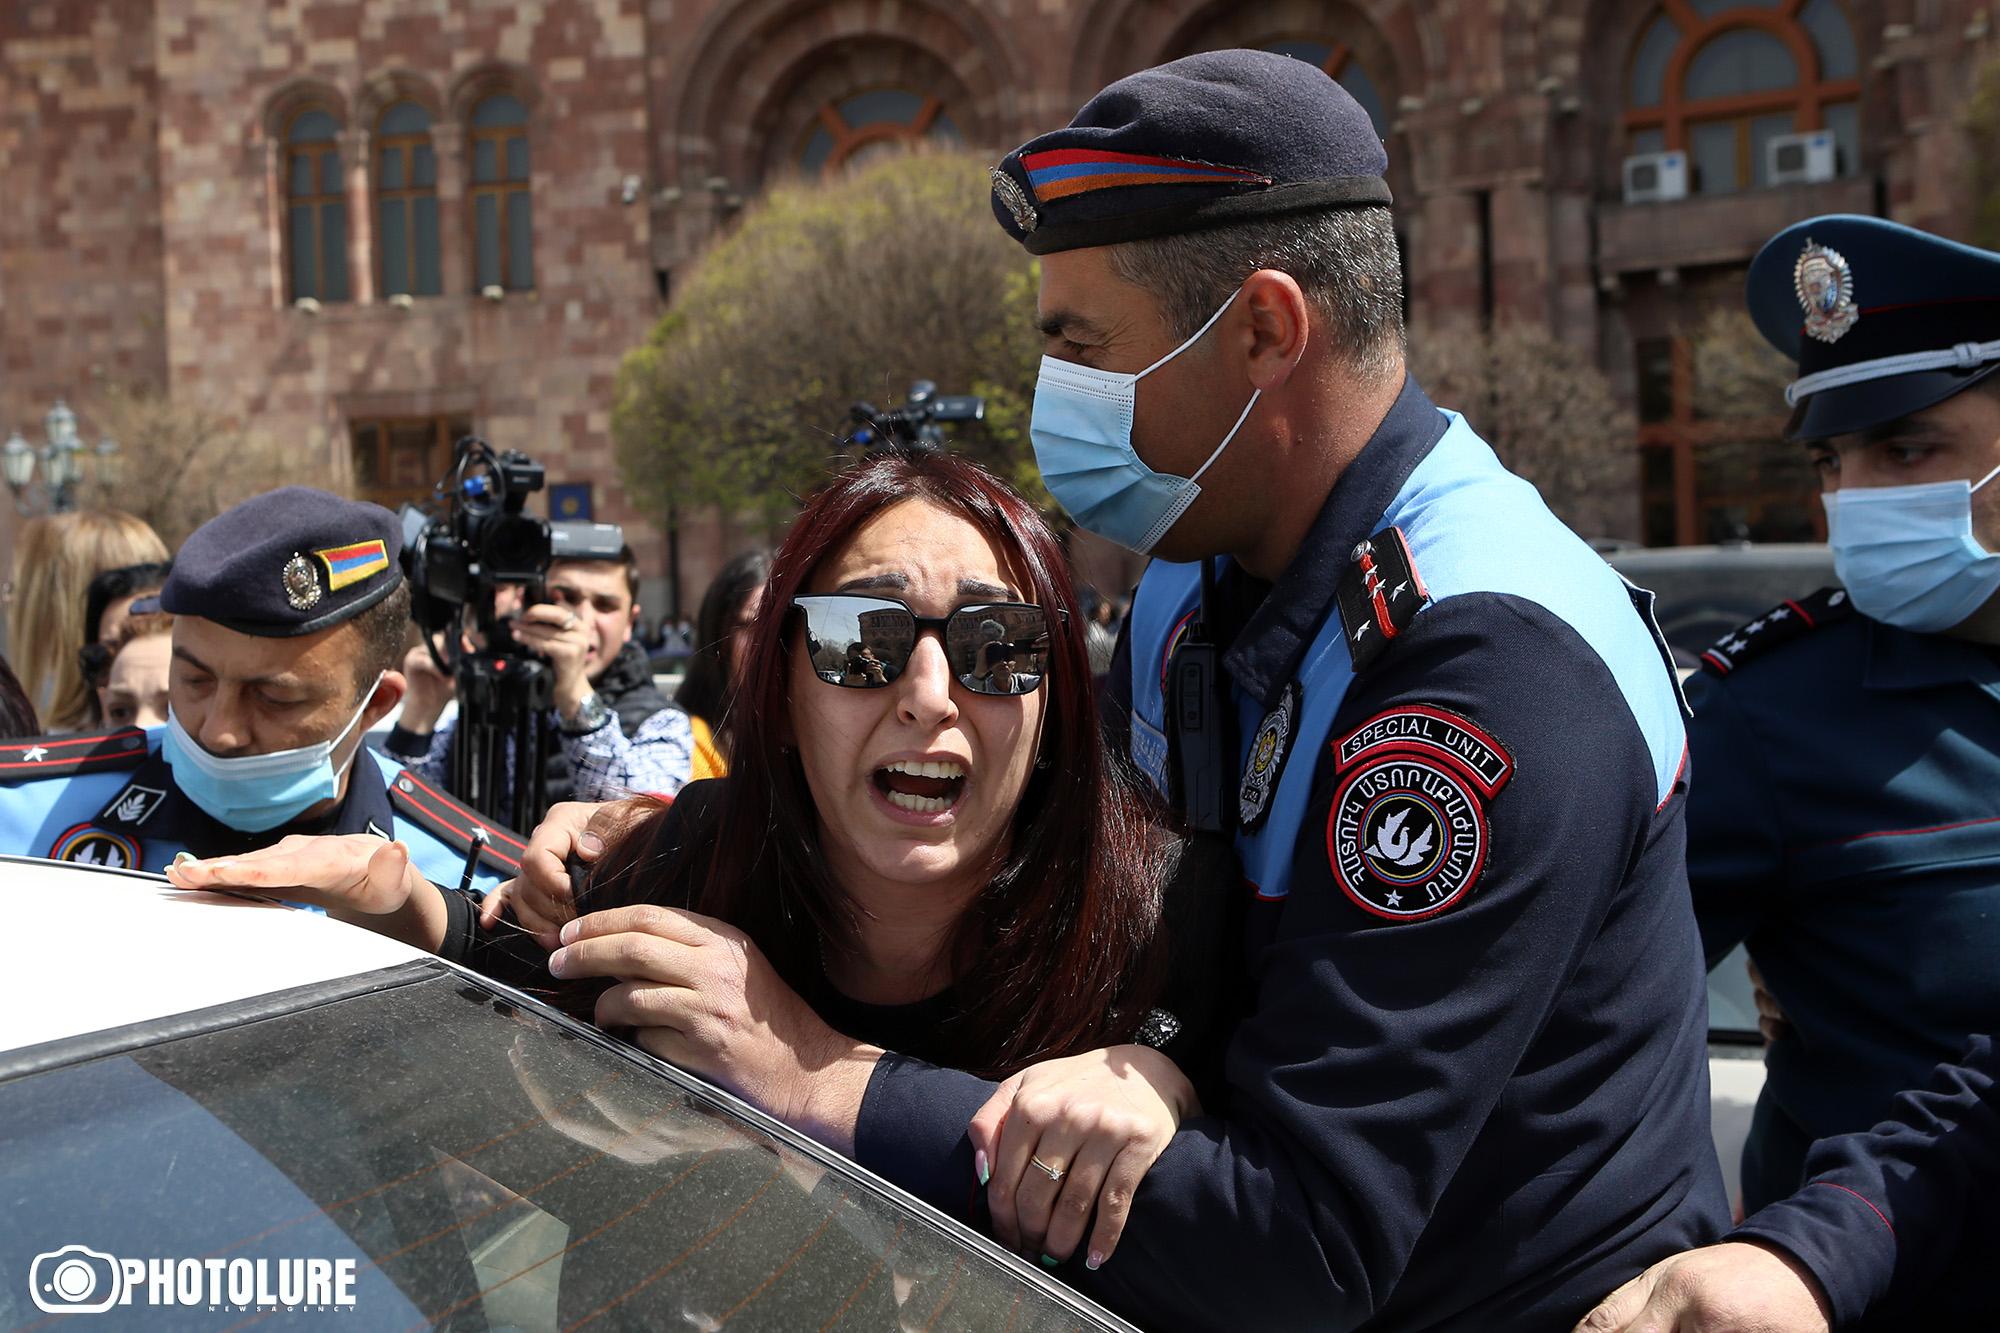 Կառավարության շենքի մոտ ակցիա իրականացնող 15 անձ է բերման ենթարկվել - Լուրեր Հայաստանից - Թերթ.am